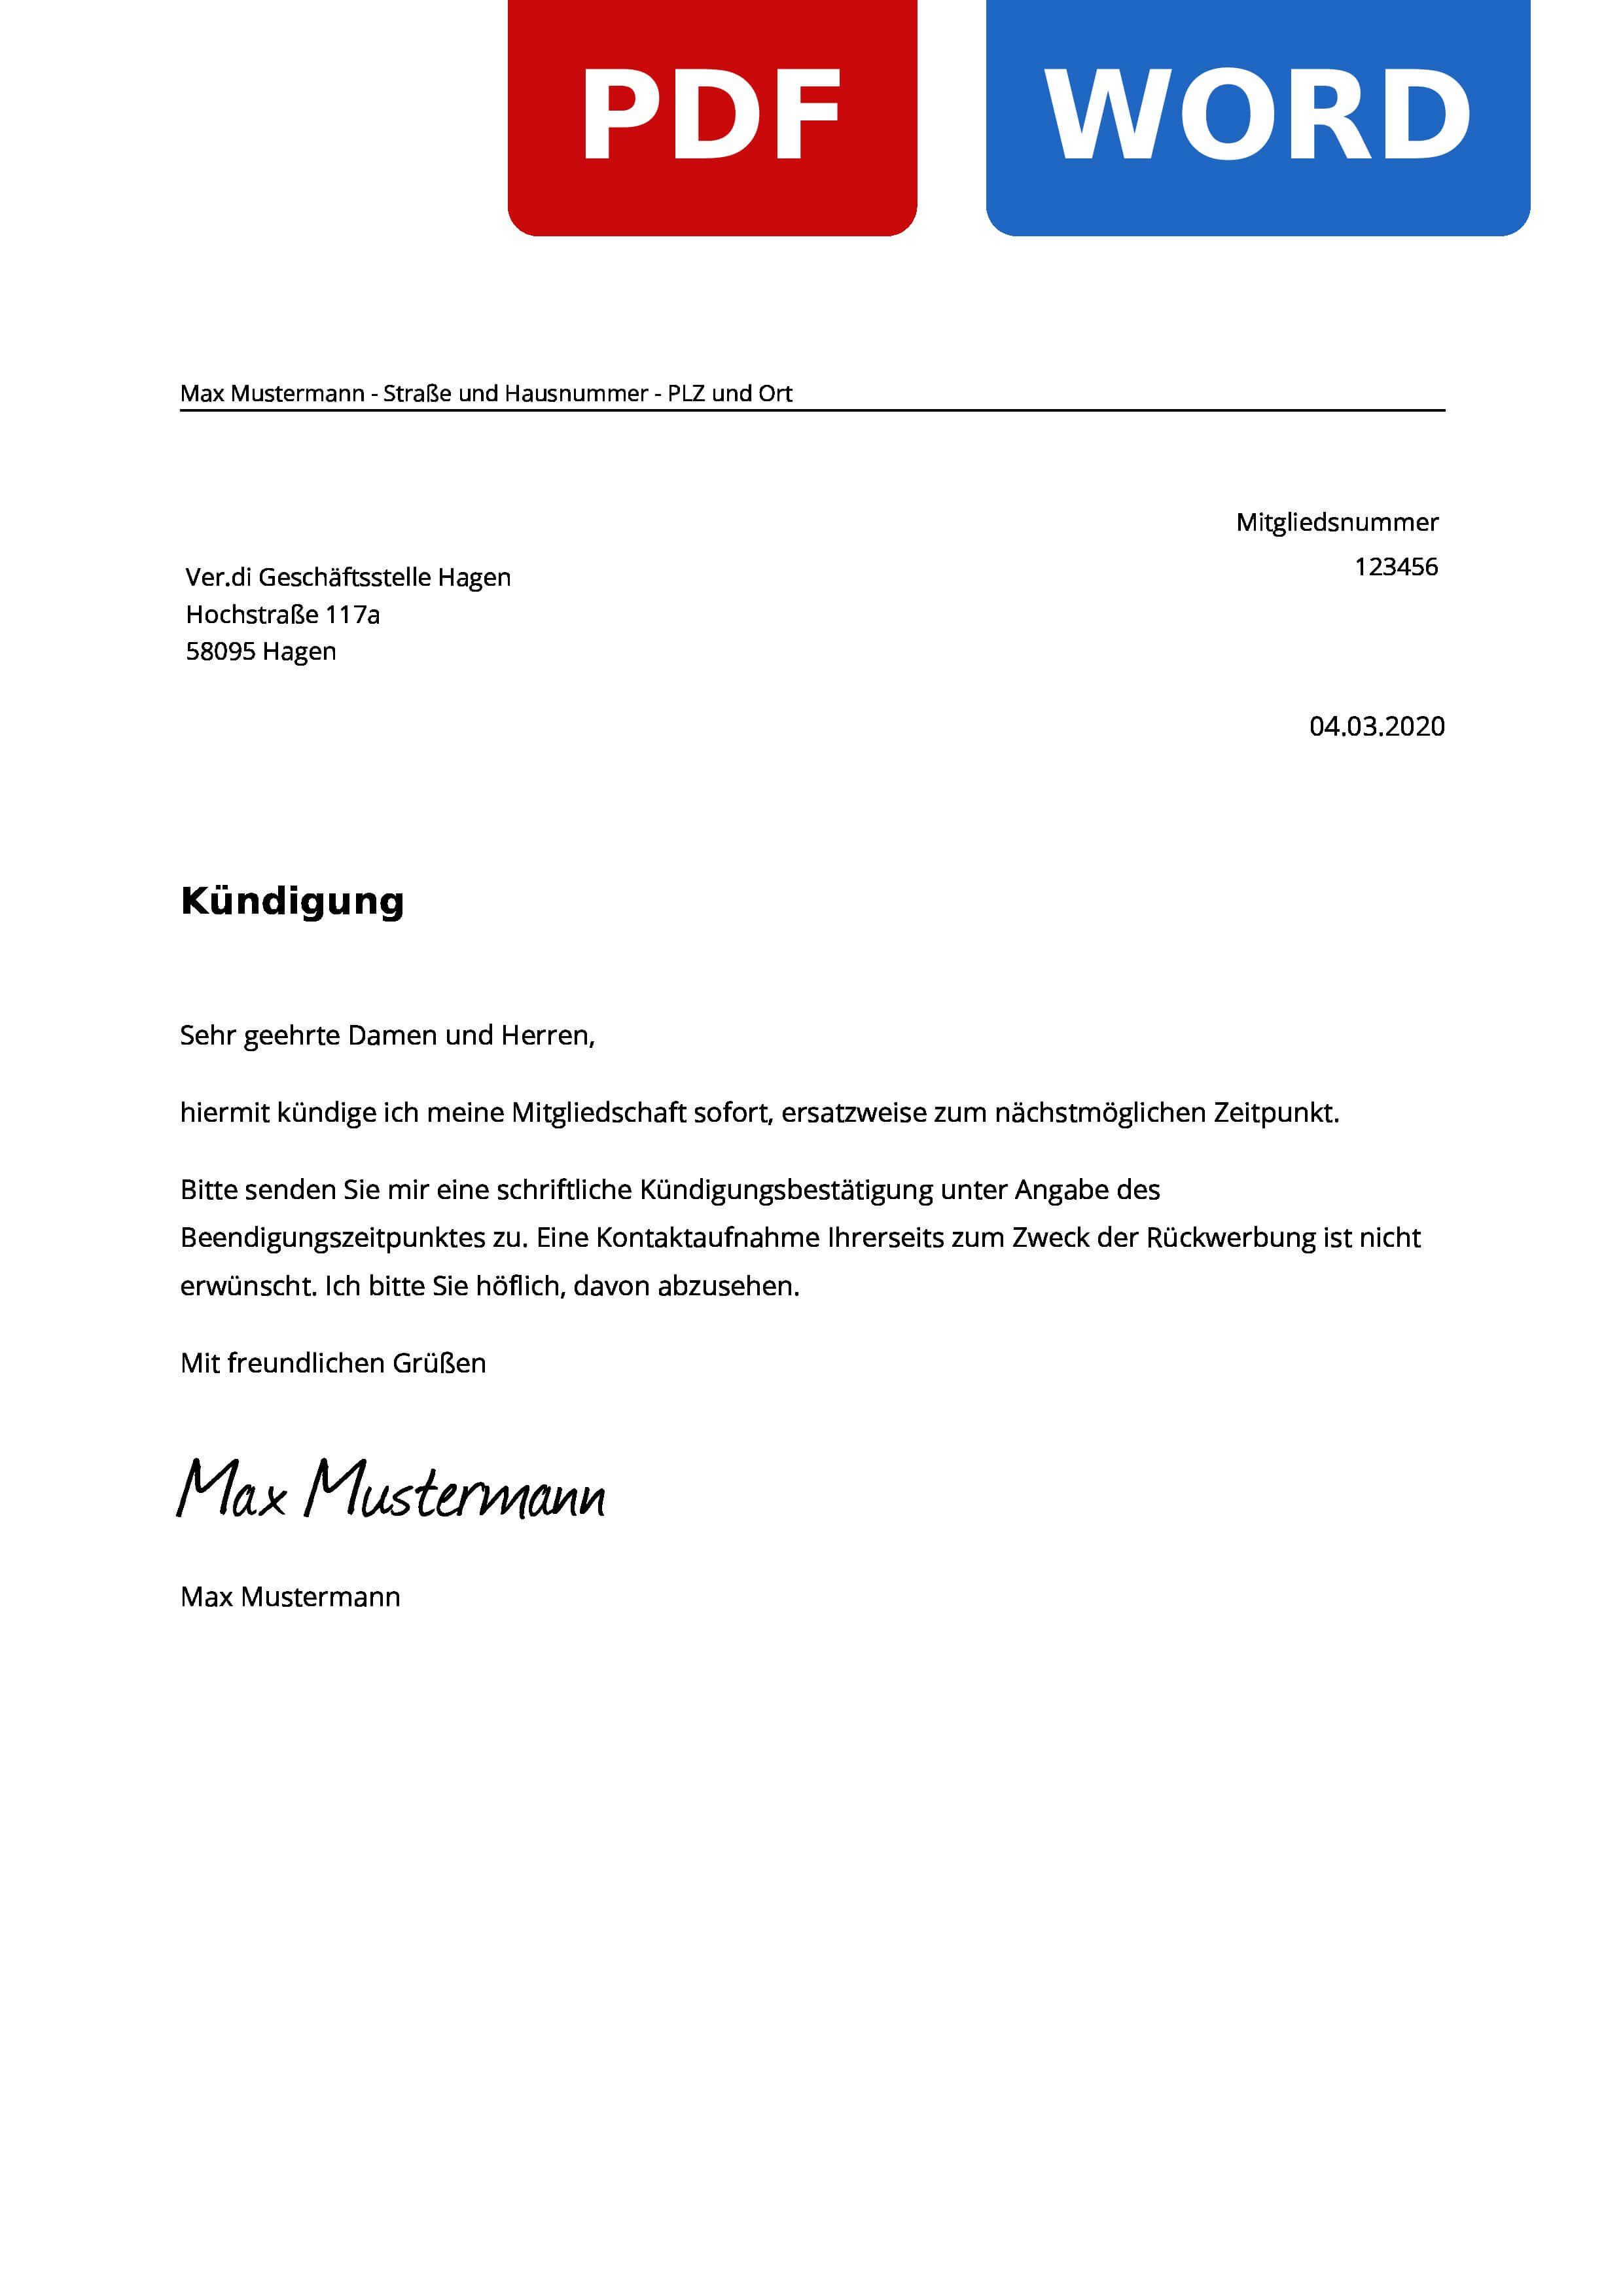 Verdi Hagen Kundigen Muster Vorlage Zur Kundigung